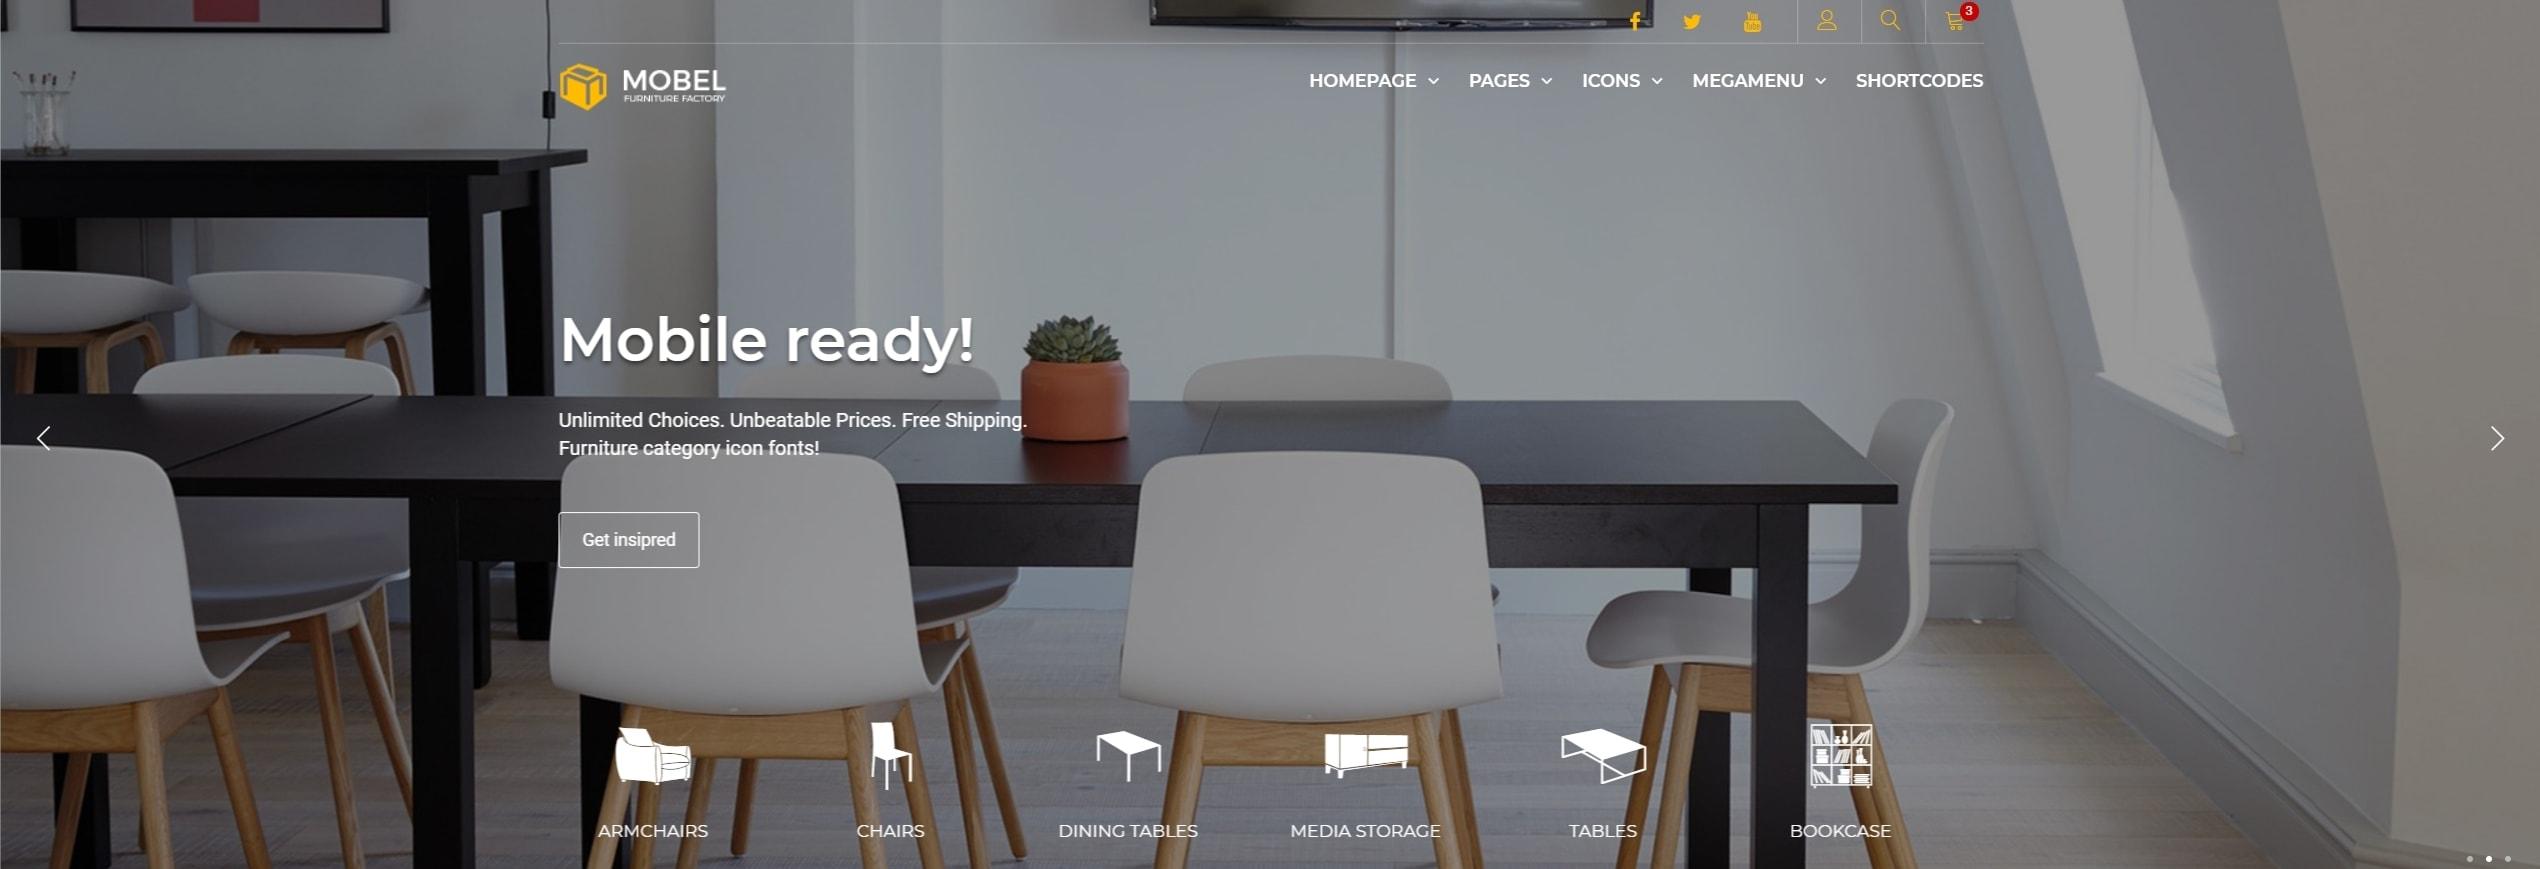 Лучшая верстка сайта для экономии времени на разработку